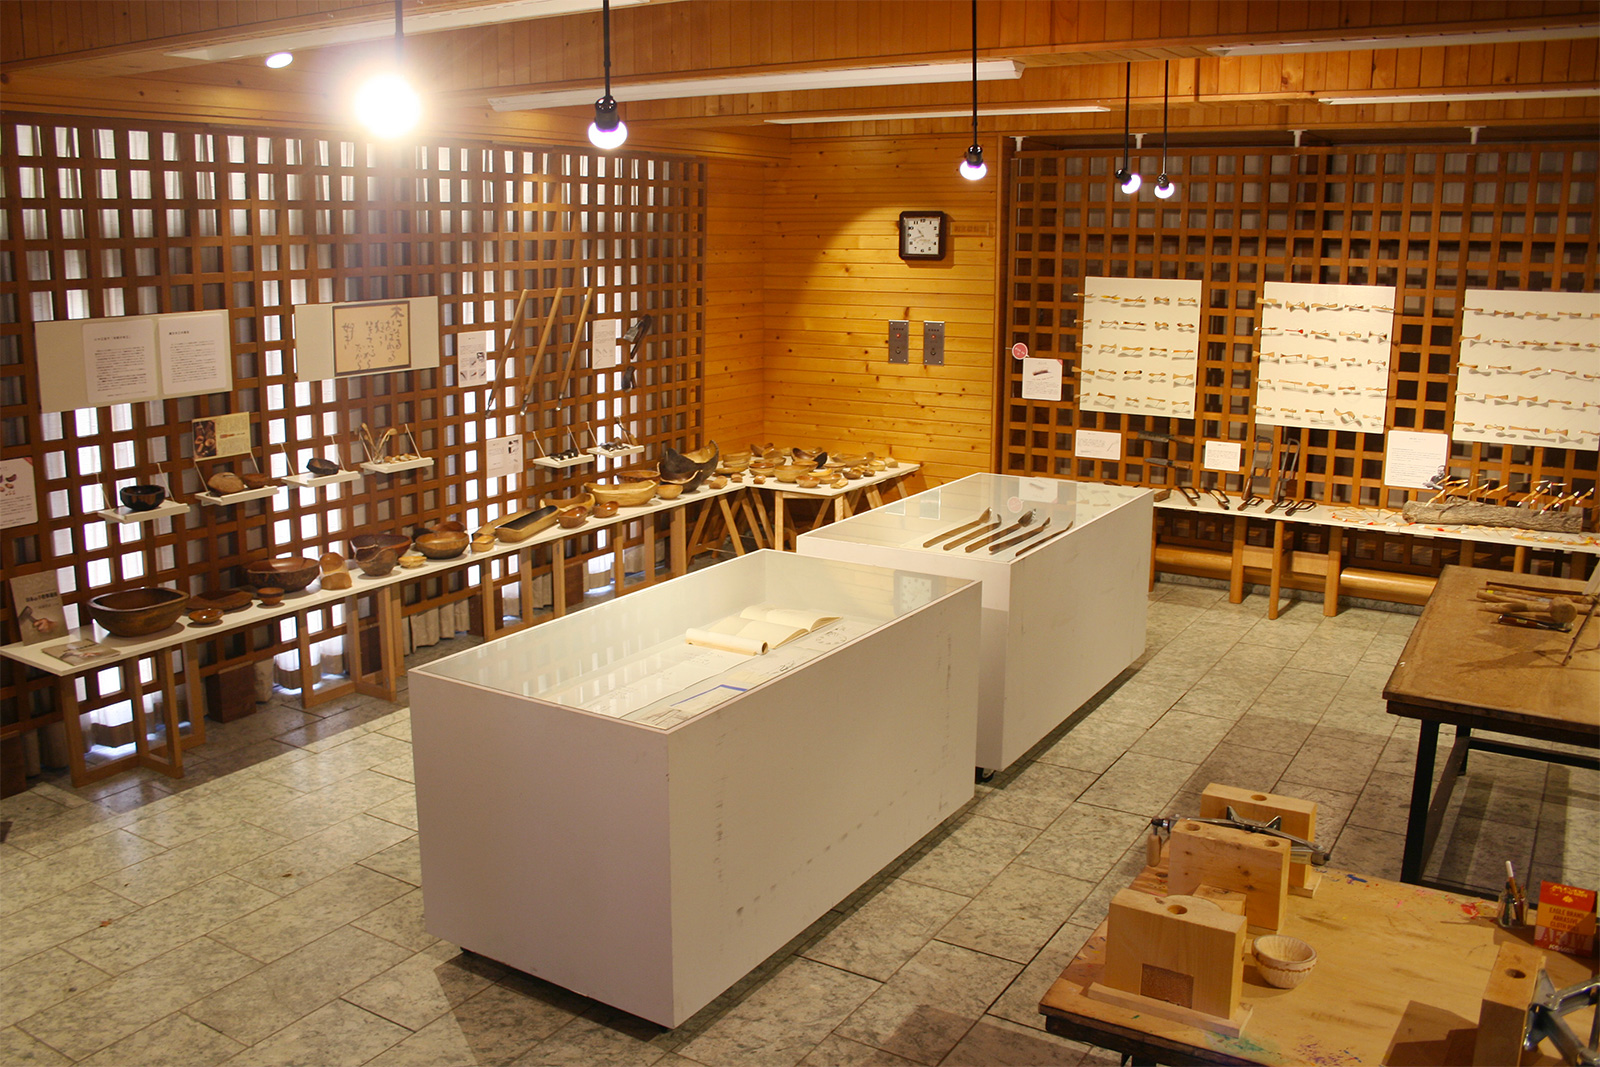 第29集「日本の手仕事道具—秋岡コレクション」